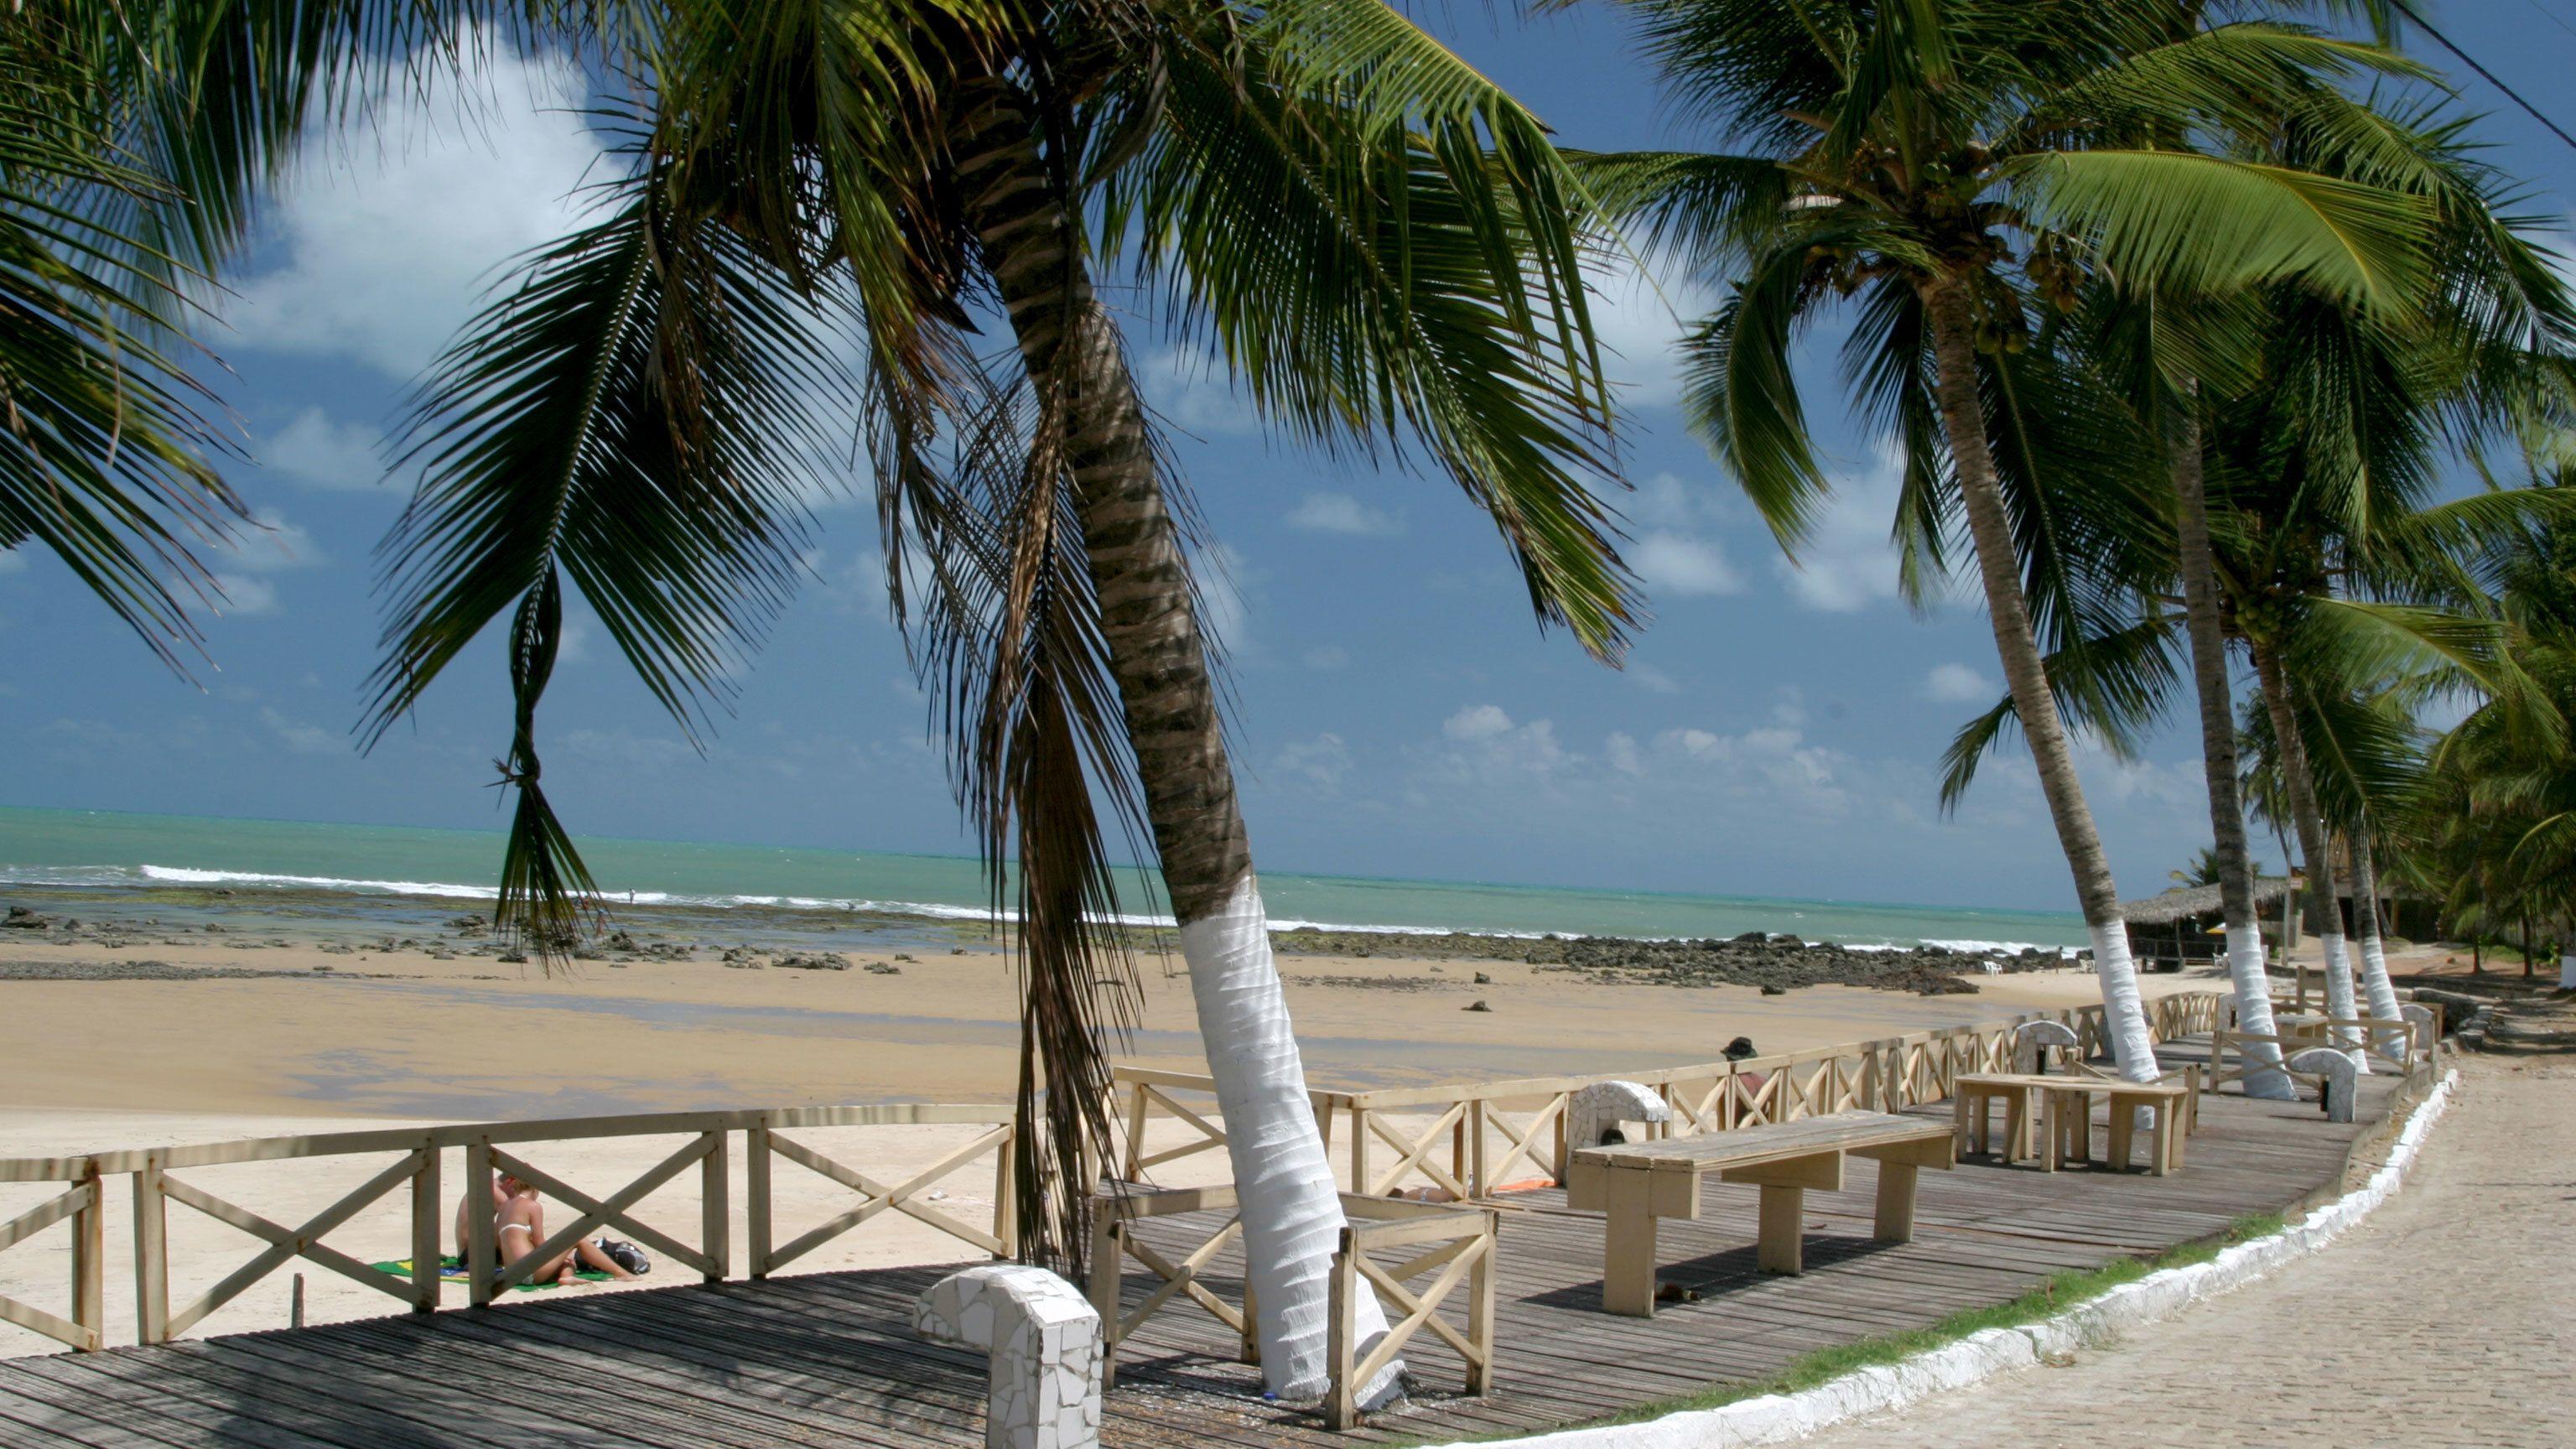 wooden boardwalk along the beach in Natal